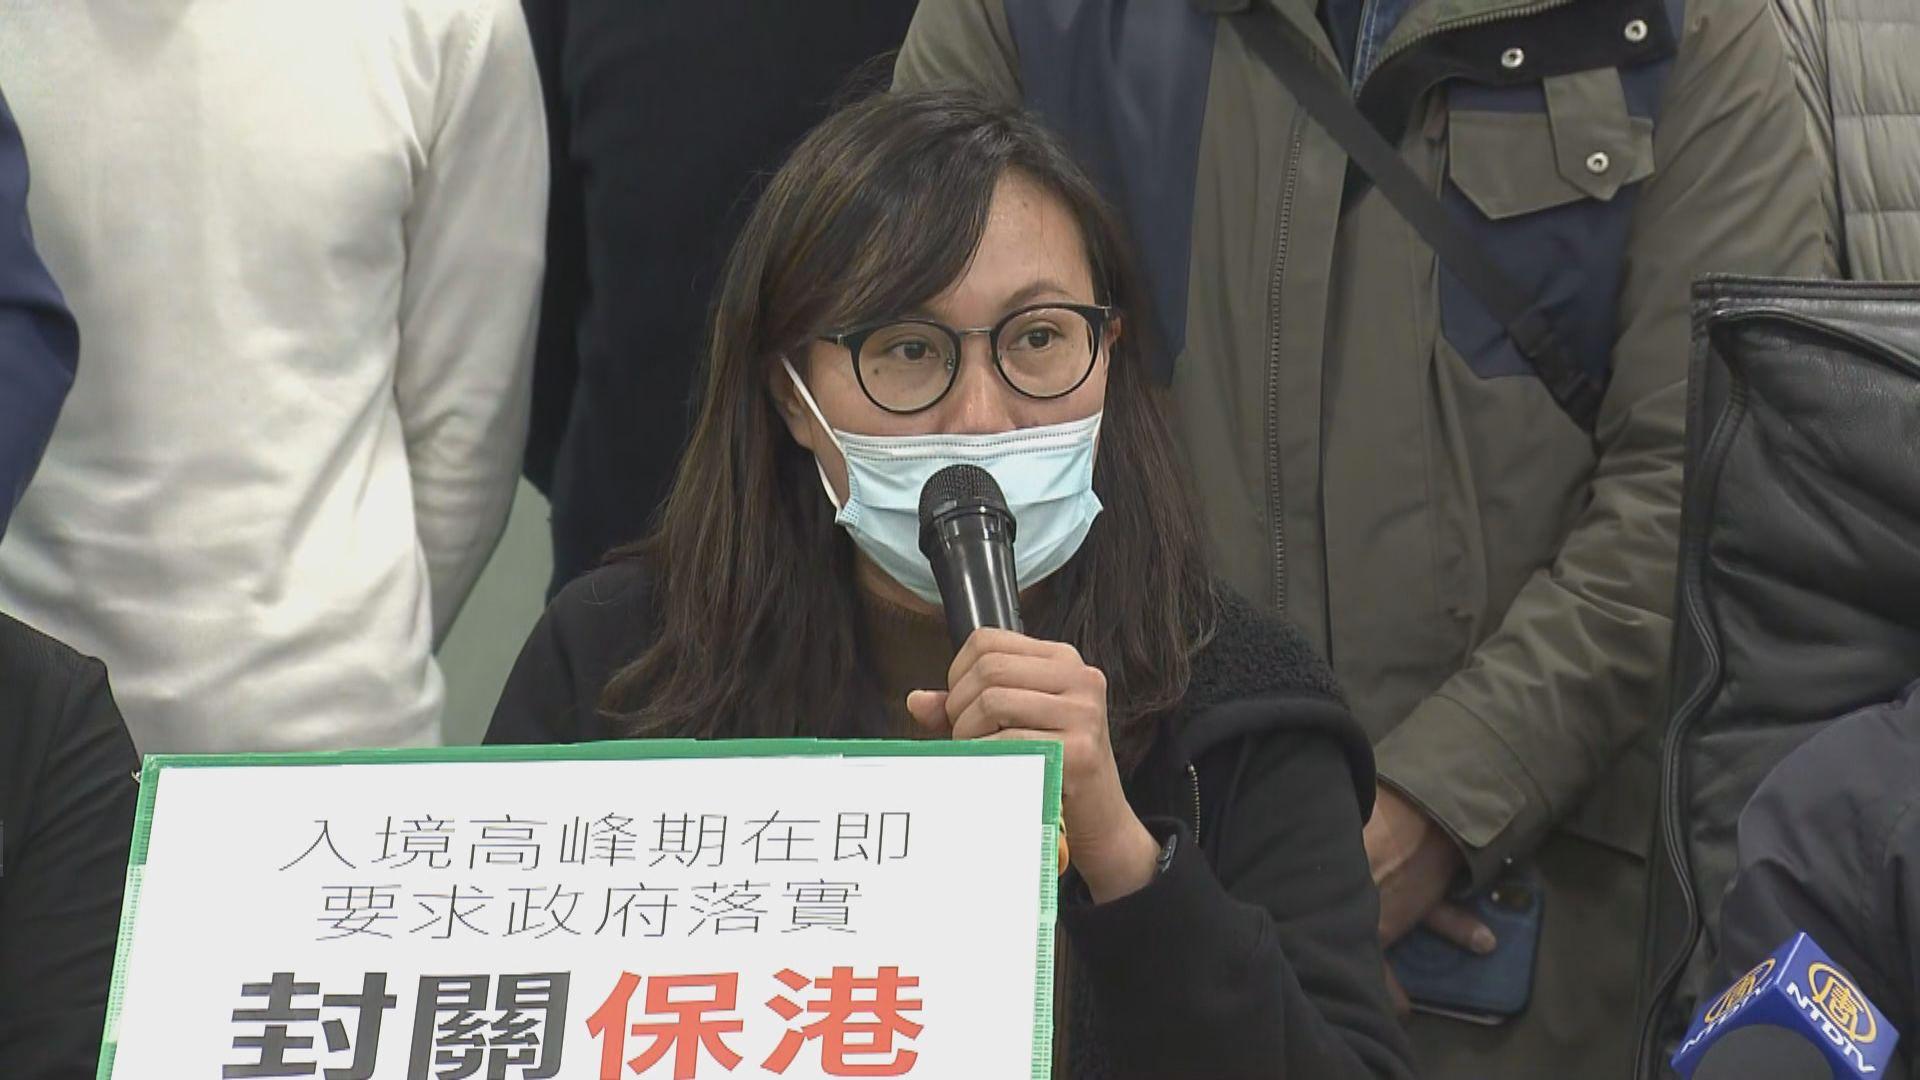 黃大仙區議會召開會議討論新型肺炎疫情